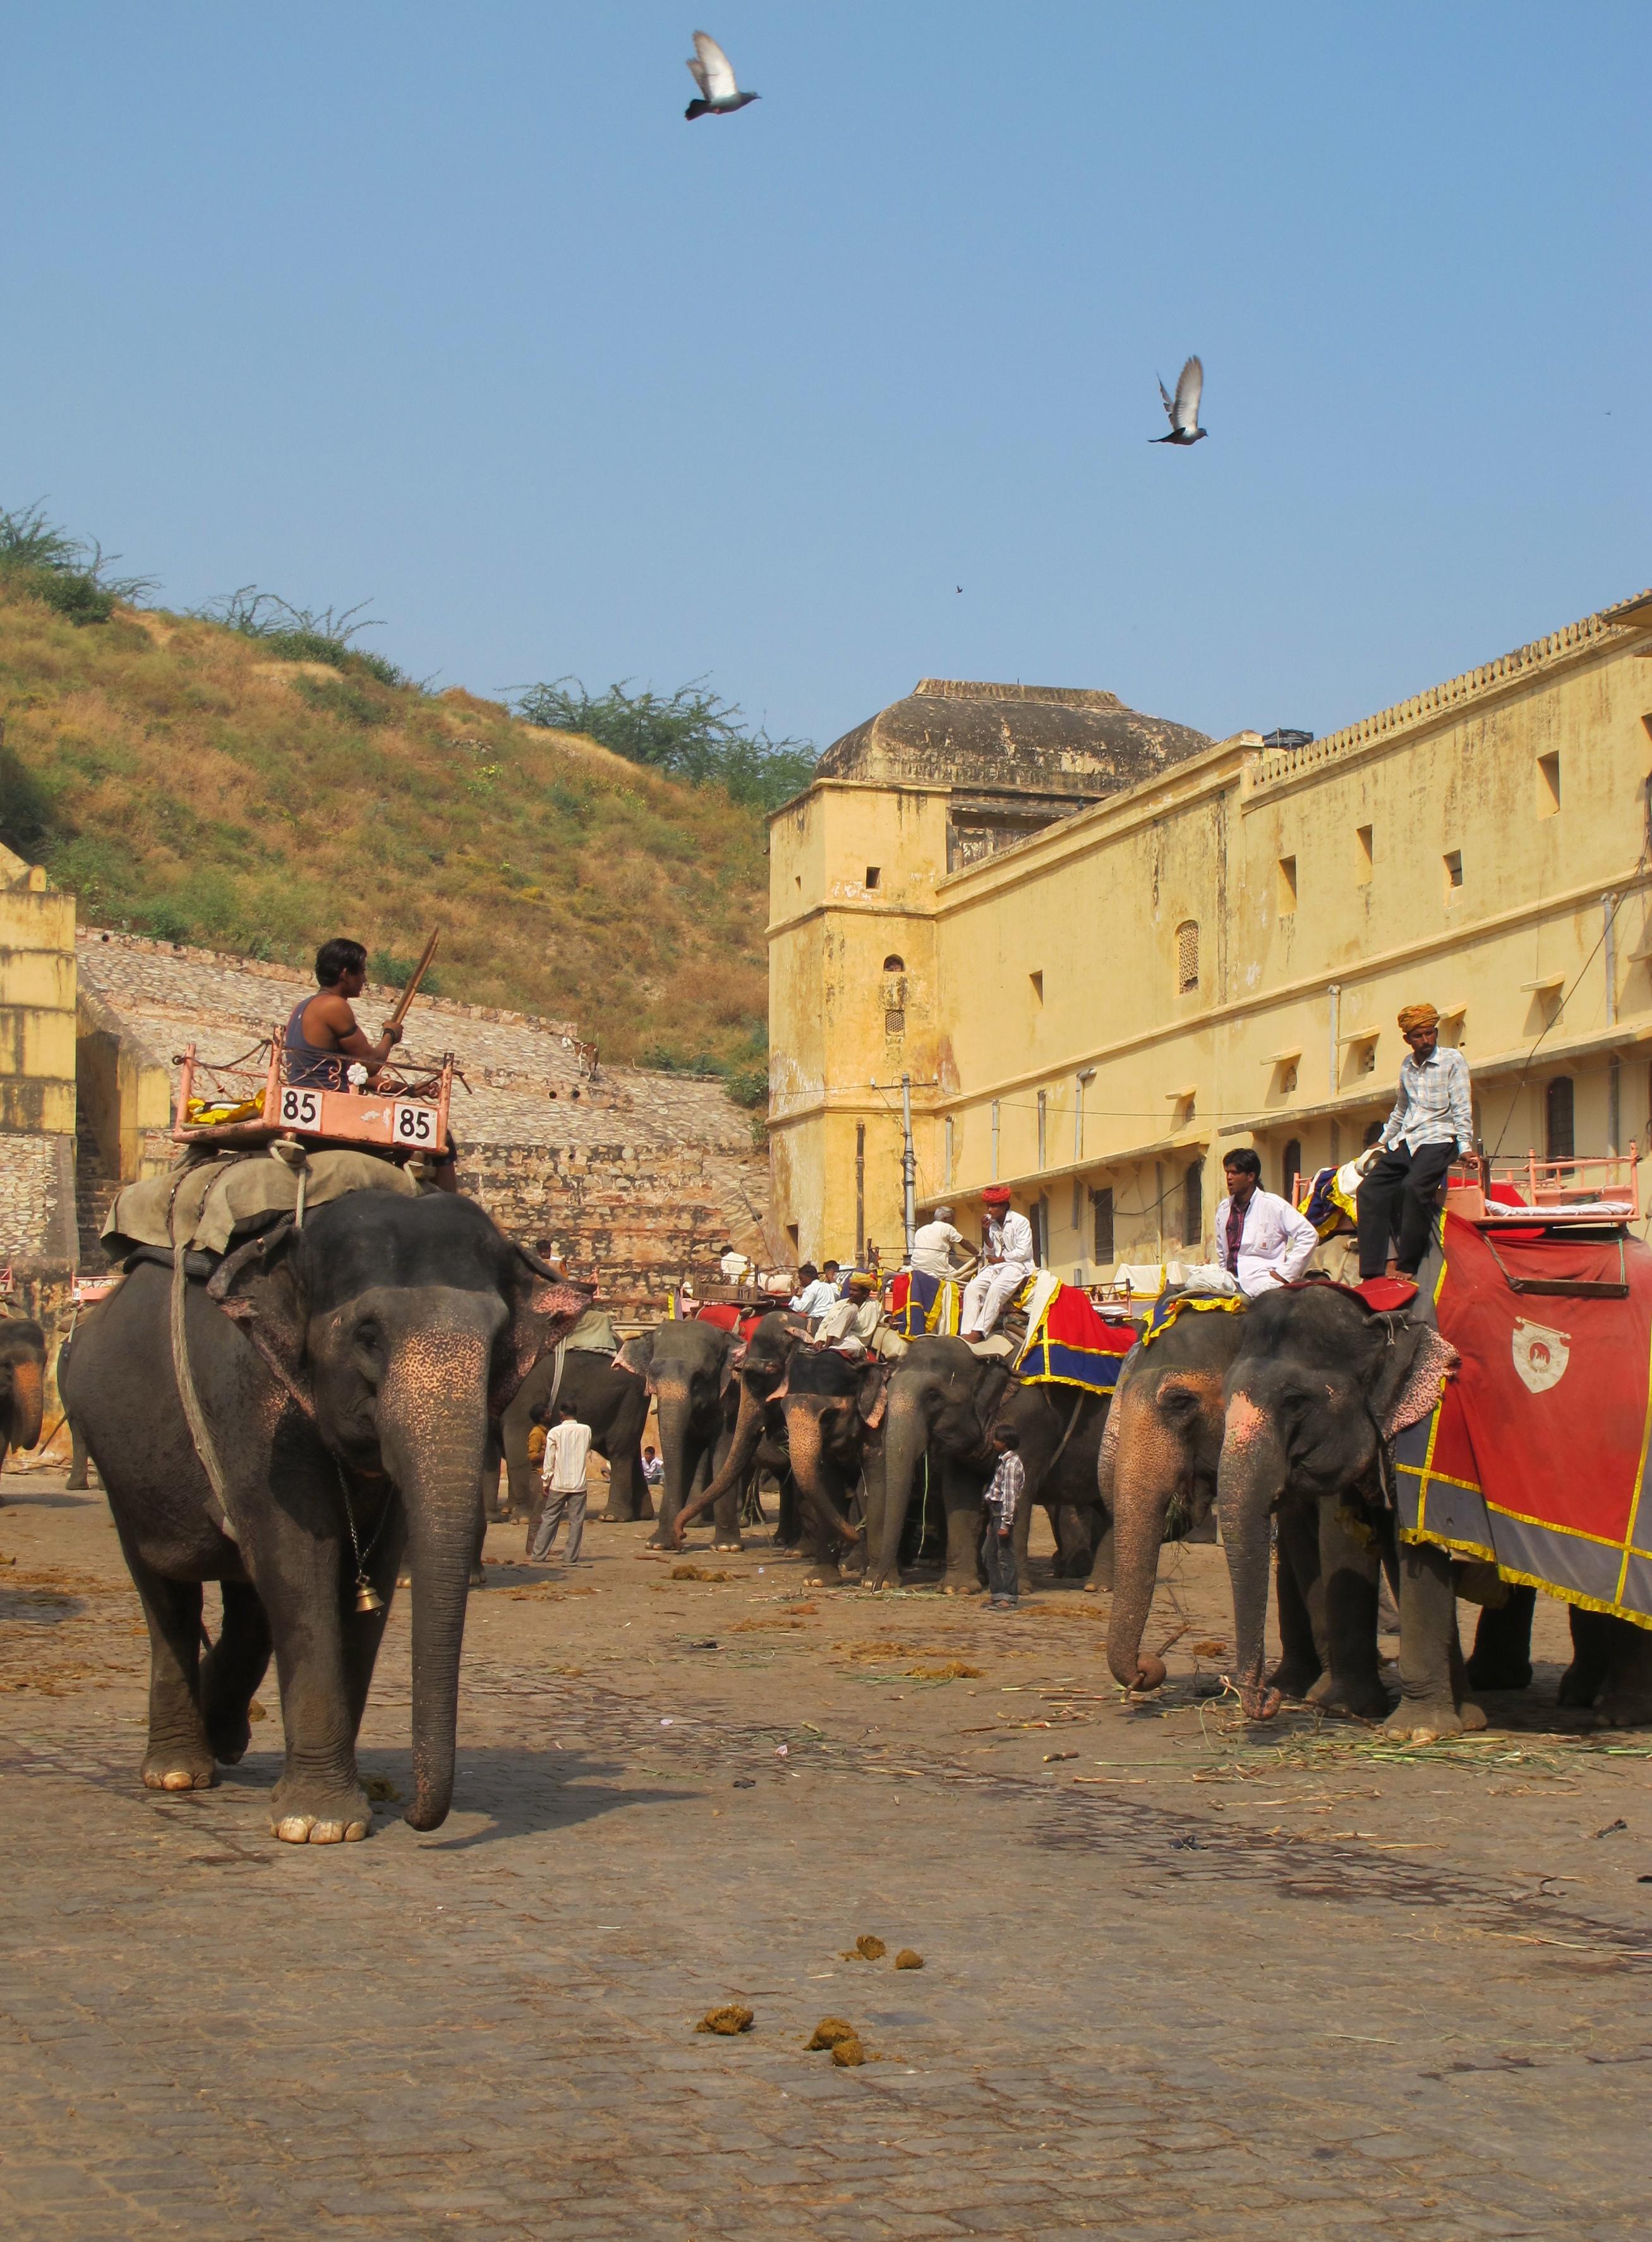 Elephants - City Palace - Jaipur - India